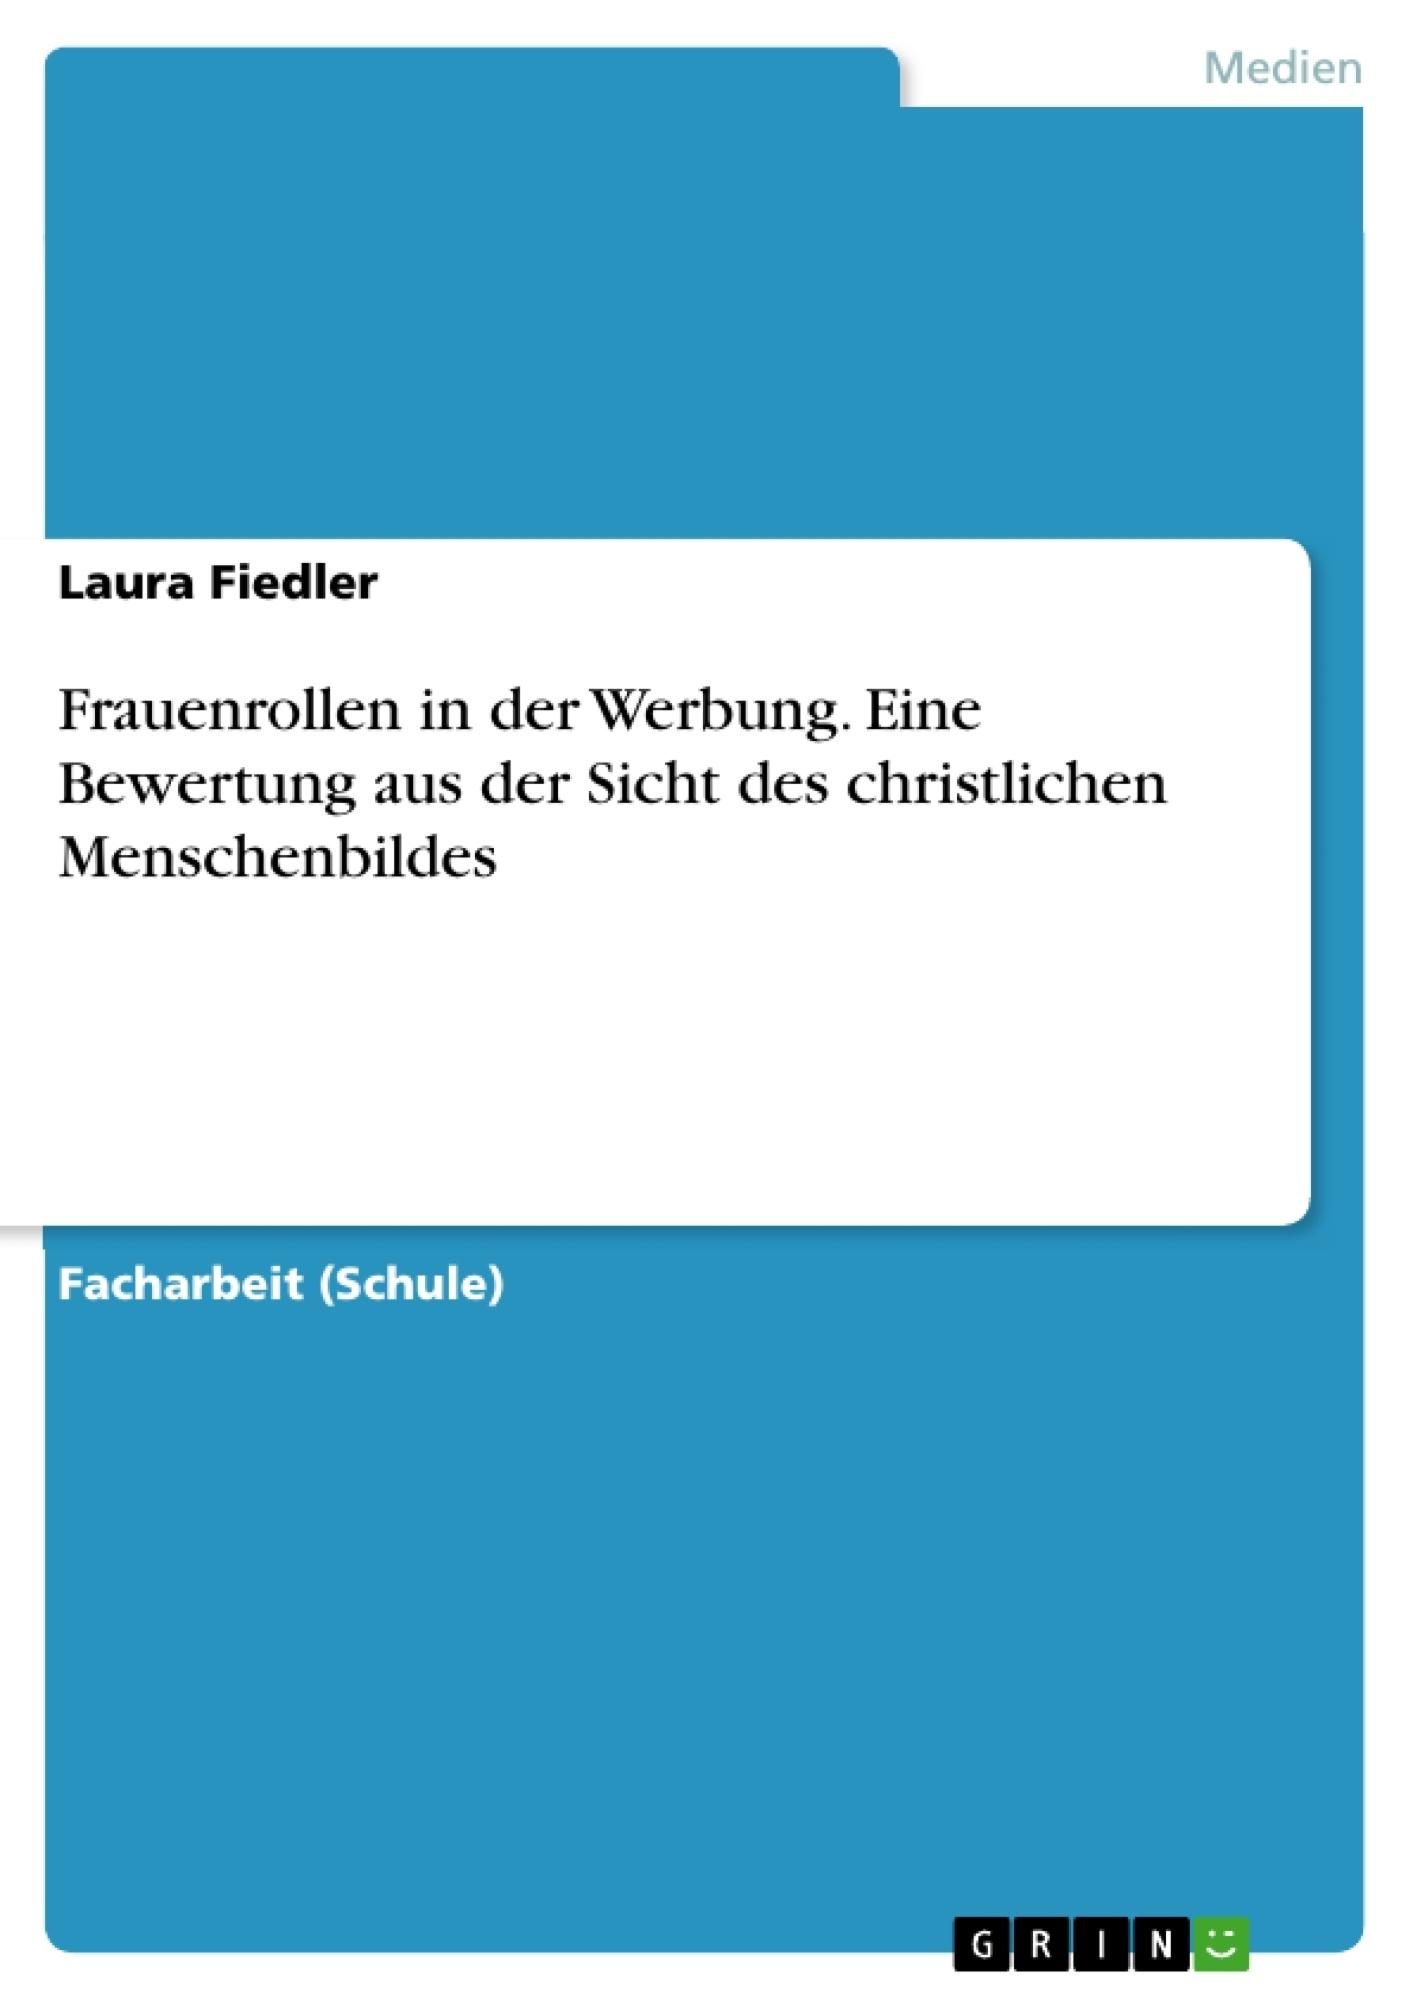 Titel: Frauenrollen in der Werbung. Eine Bewertung aus der Sicht des christlichen Menschenbildes